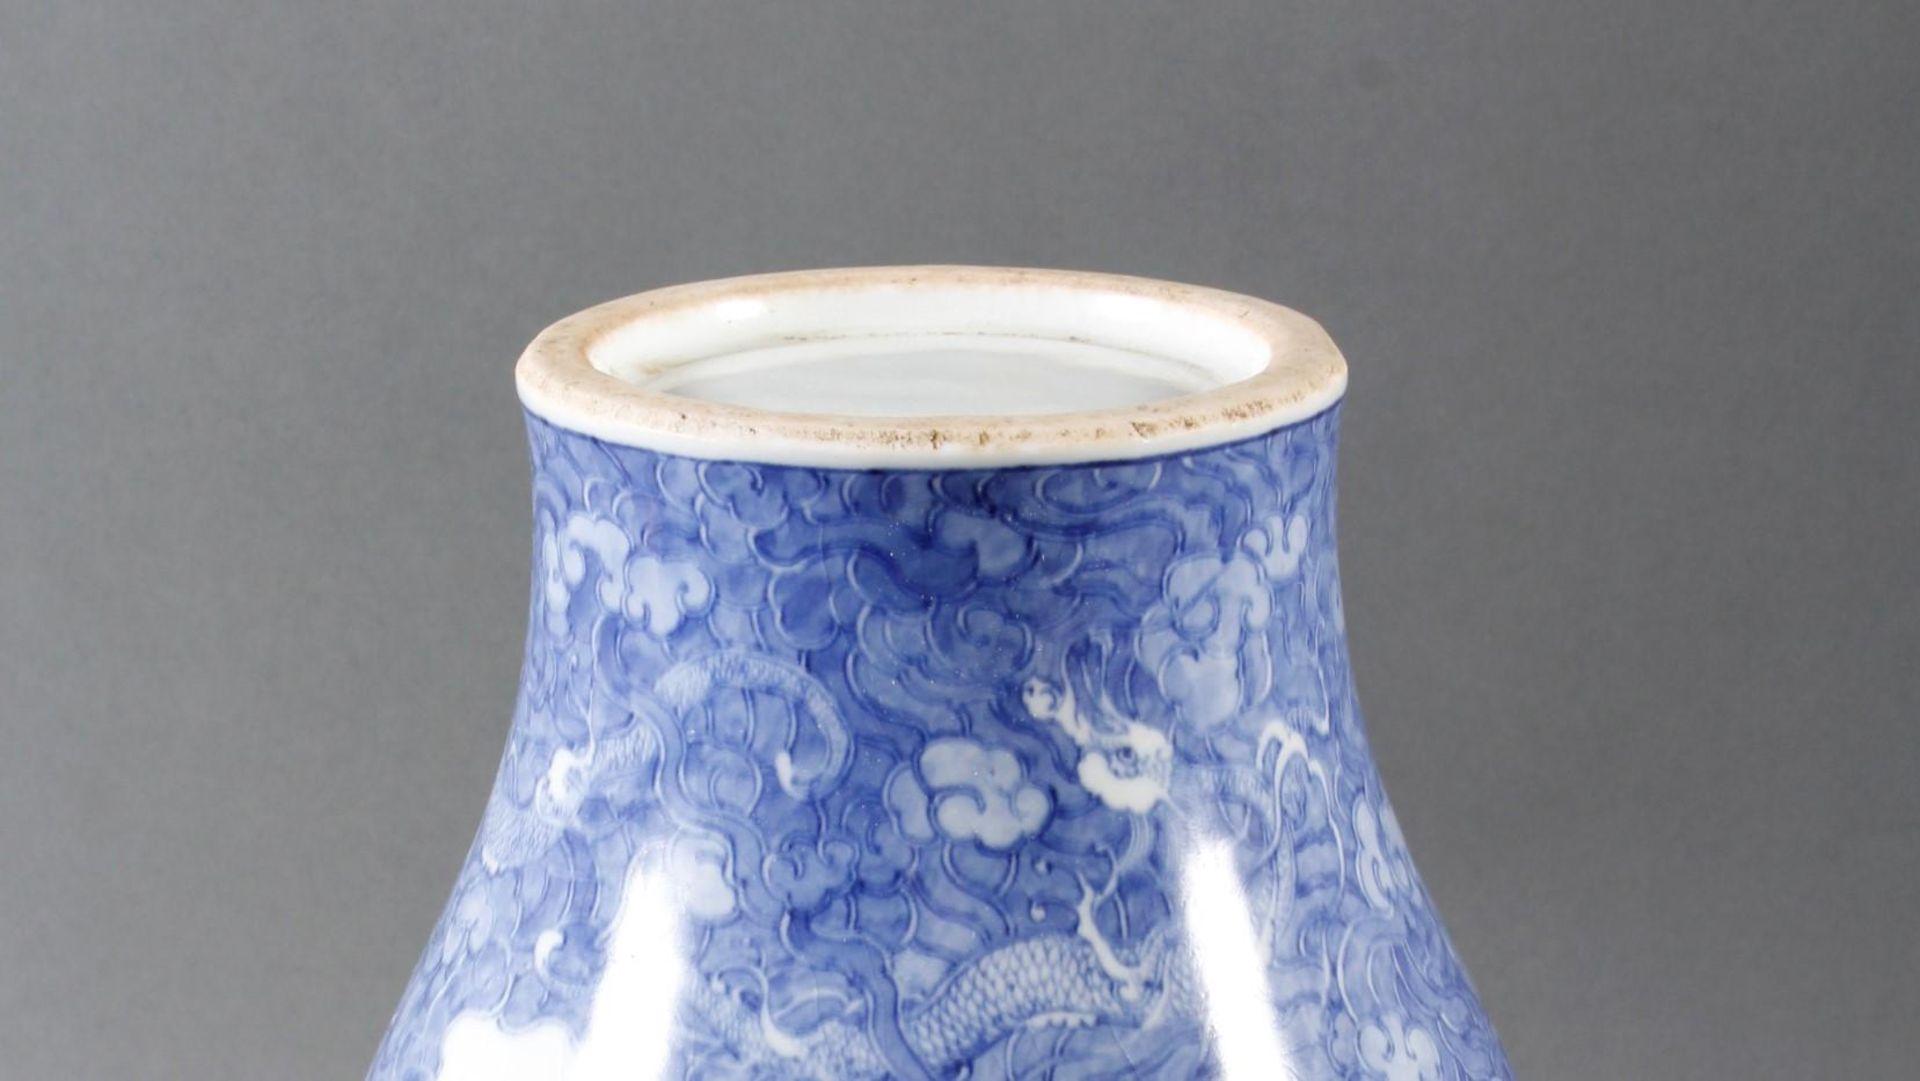 Porzellanvase mit feiner Blauweiß-Bemalung, Fliegender Drache in den Wolken - Bild 4 aus 6